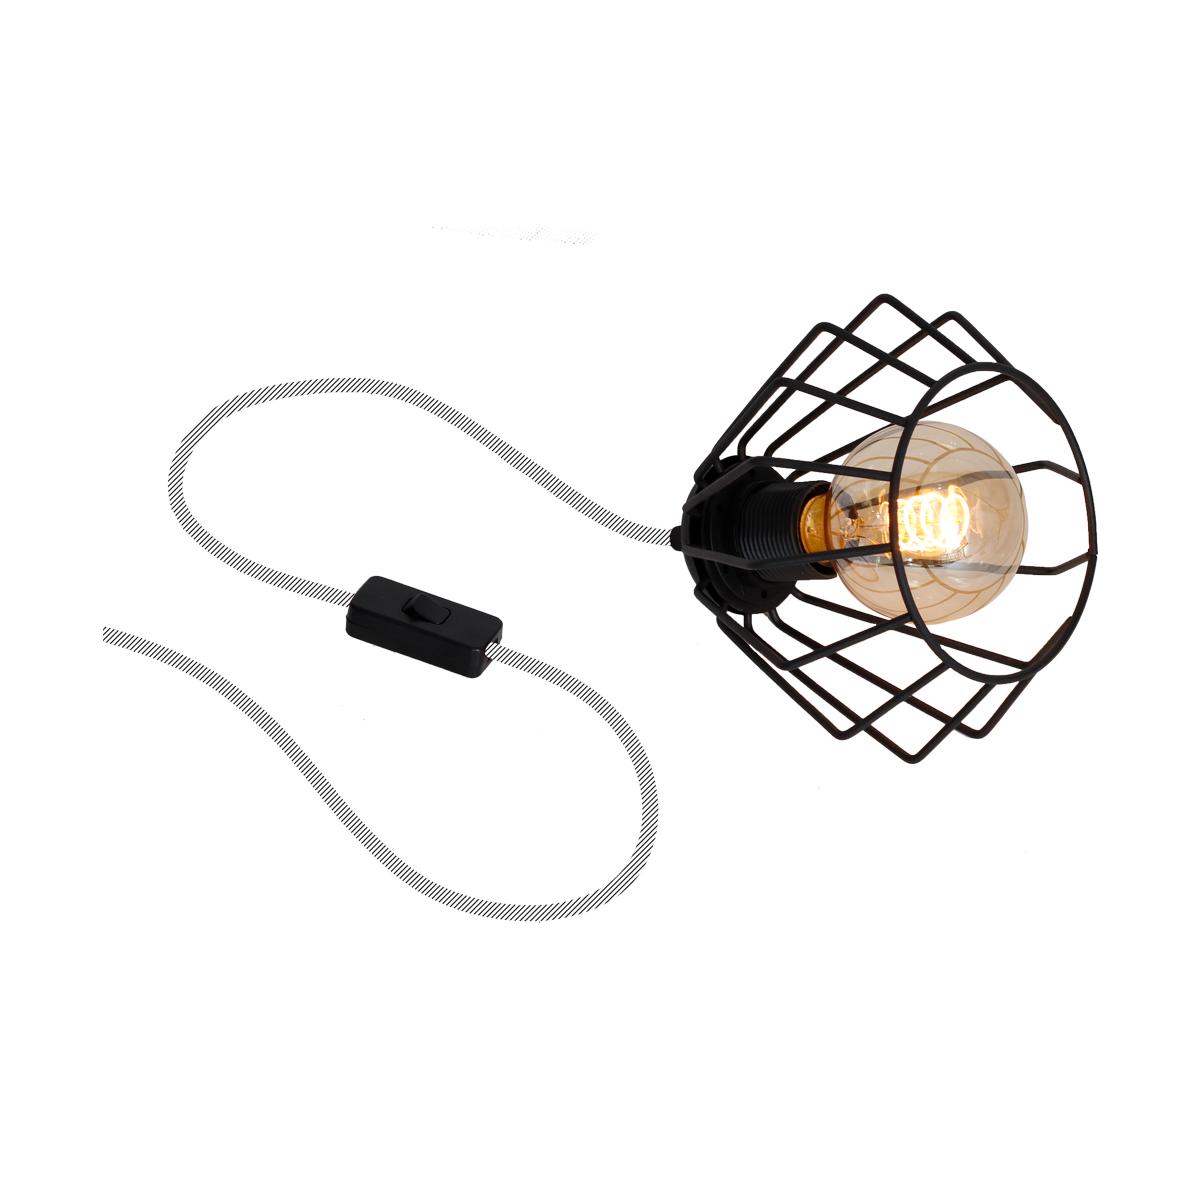 klosz czarny ( kabel w szarym oplocie )